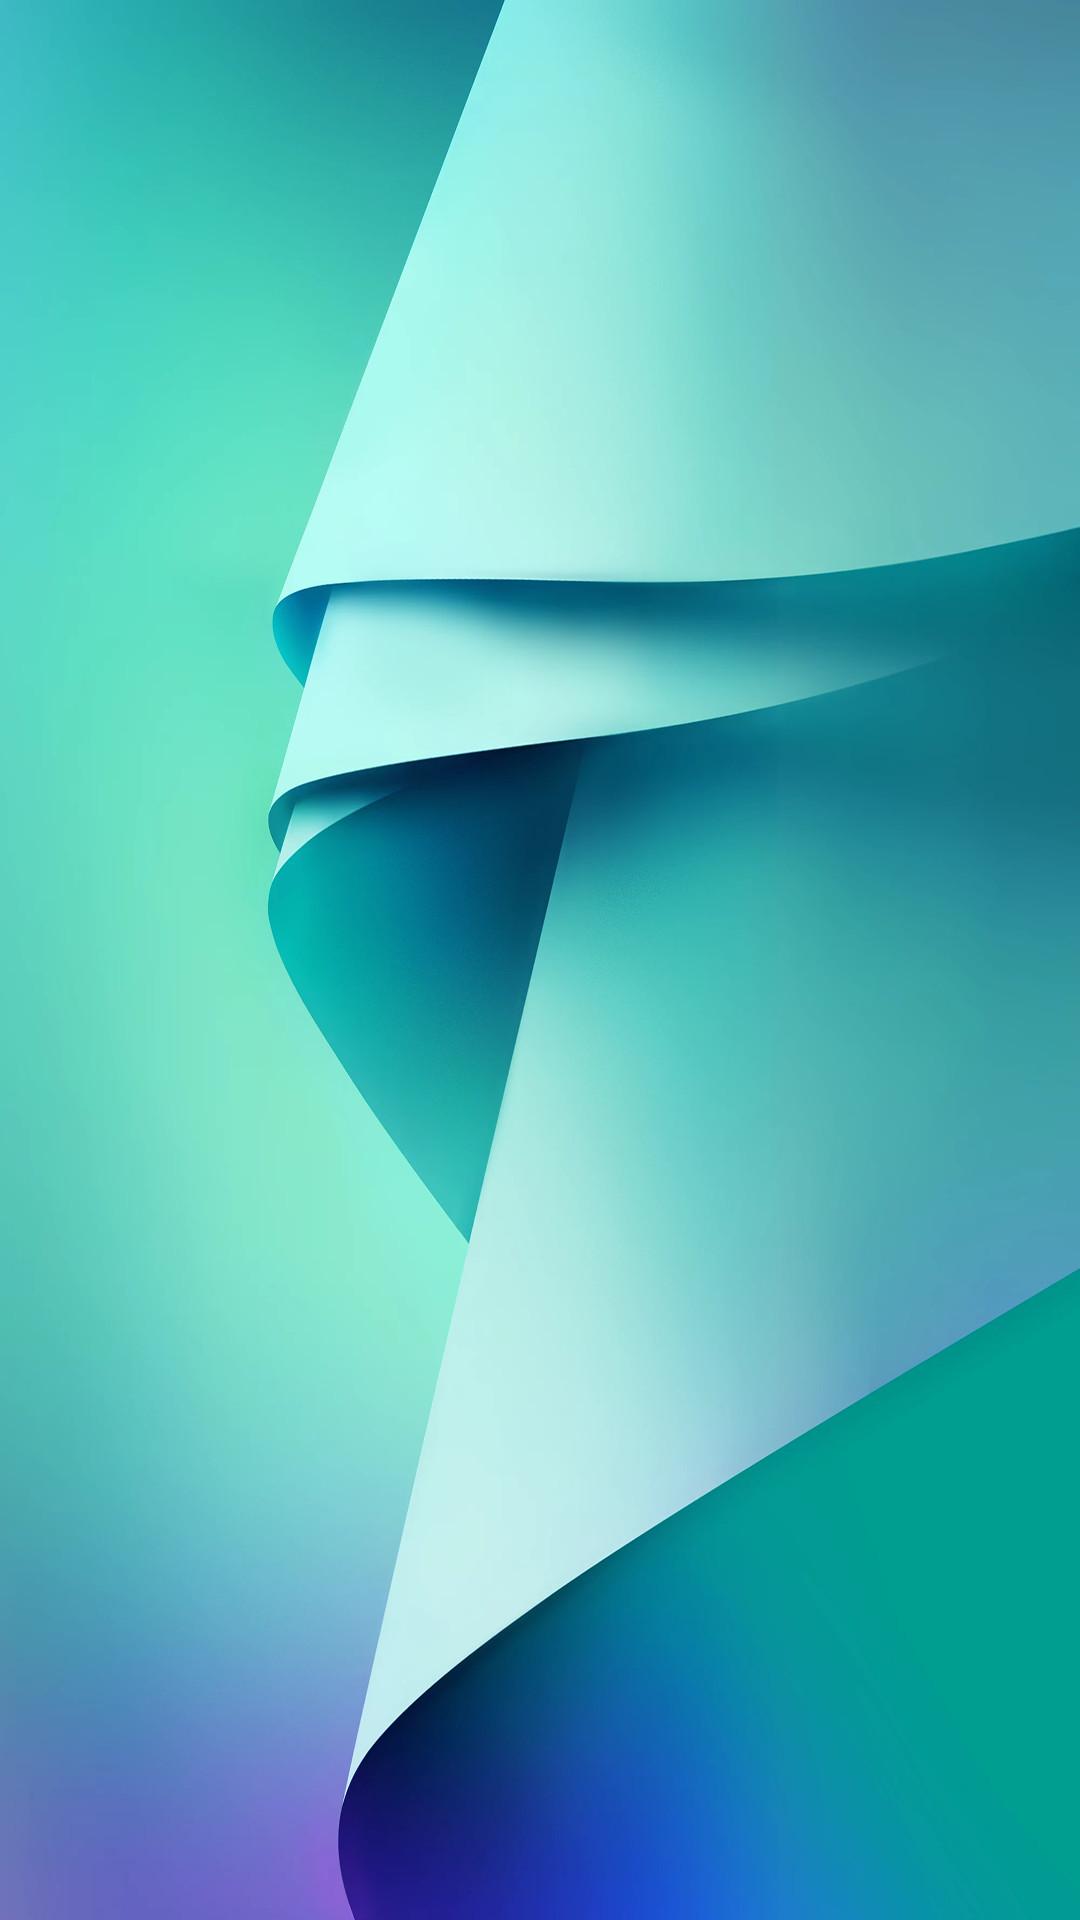 Storm Trooper Wallpaper Desktop